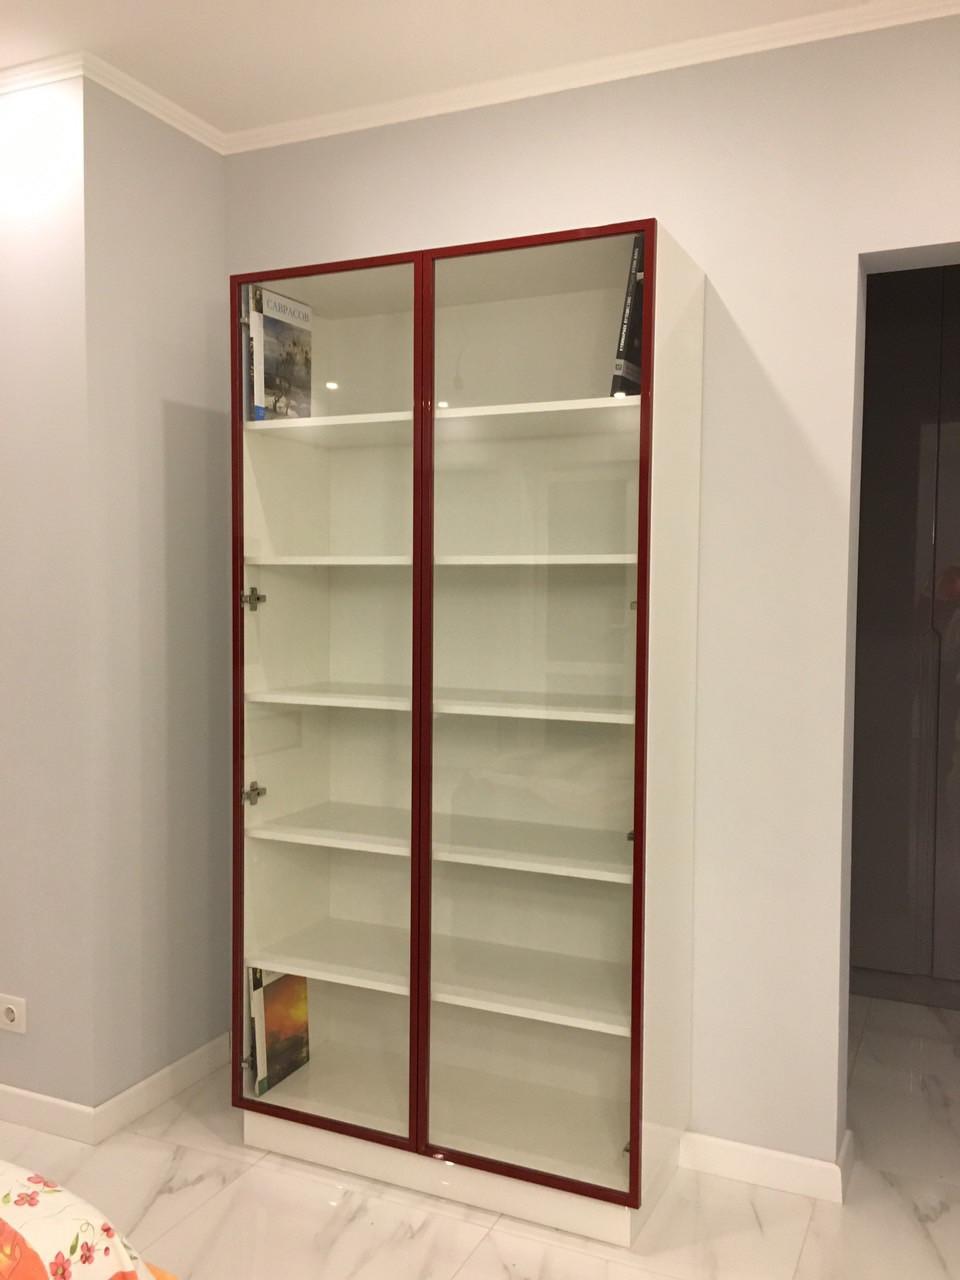 Шкаф витрина с крашеным рамочным алюминиевым профилем фурнитура блюм (blum)